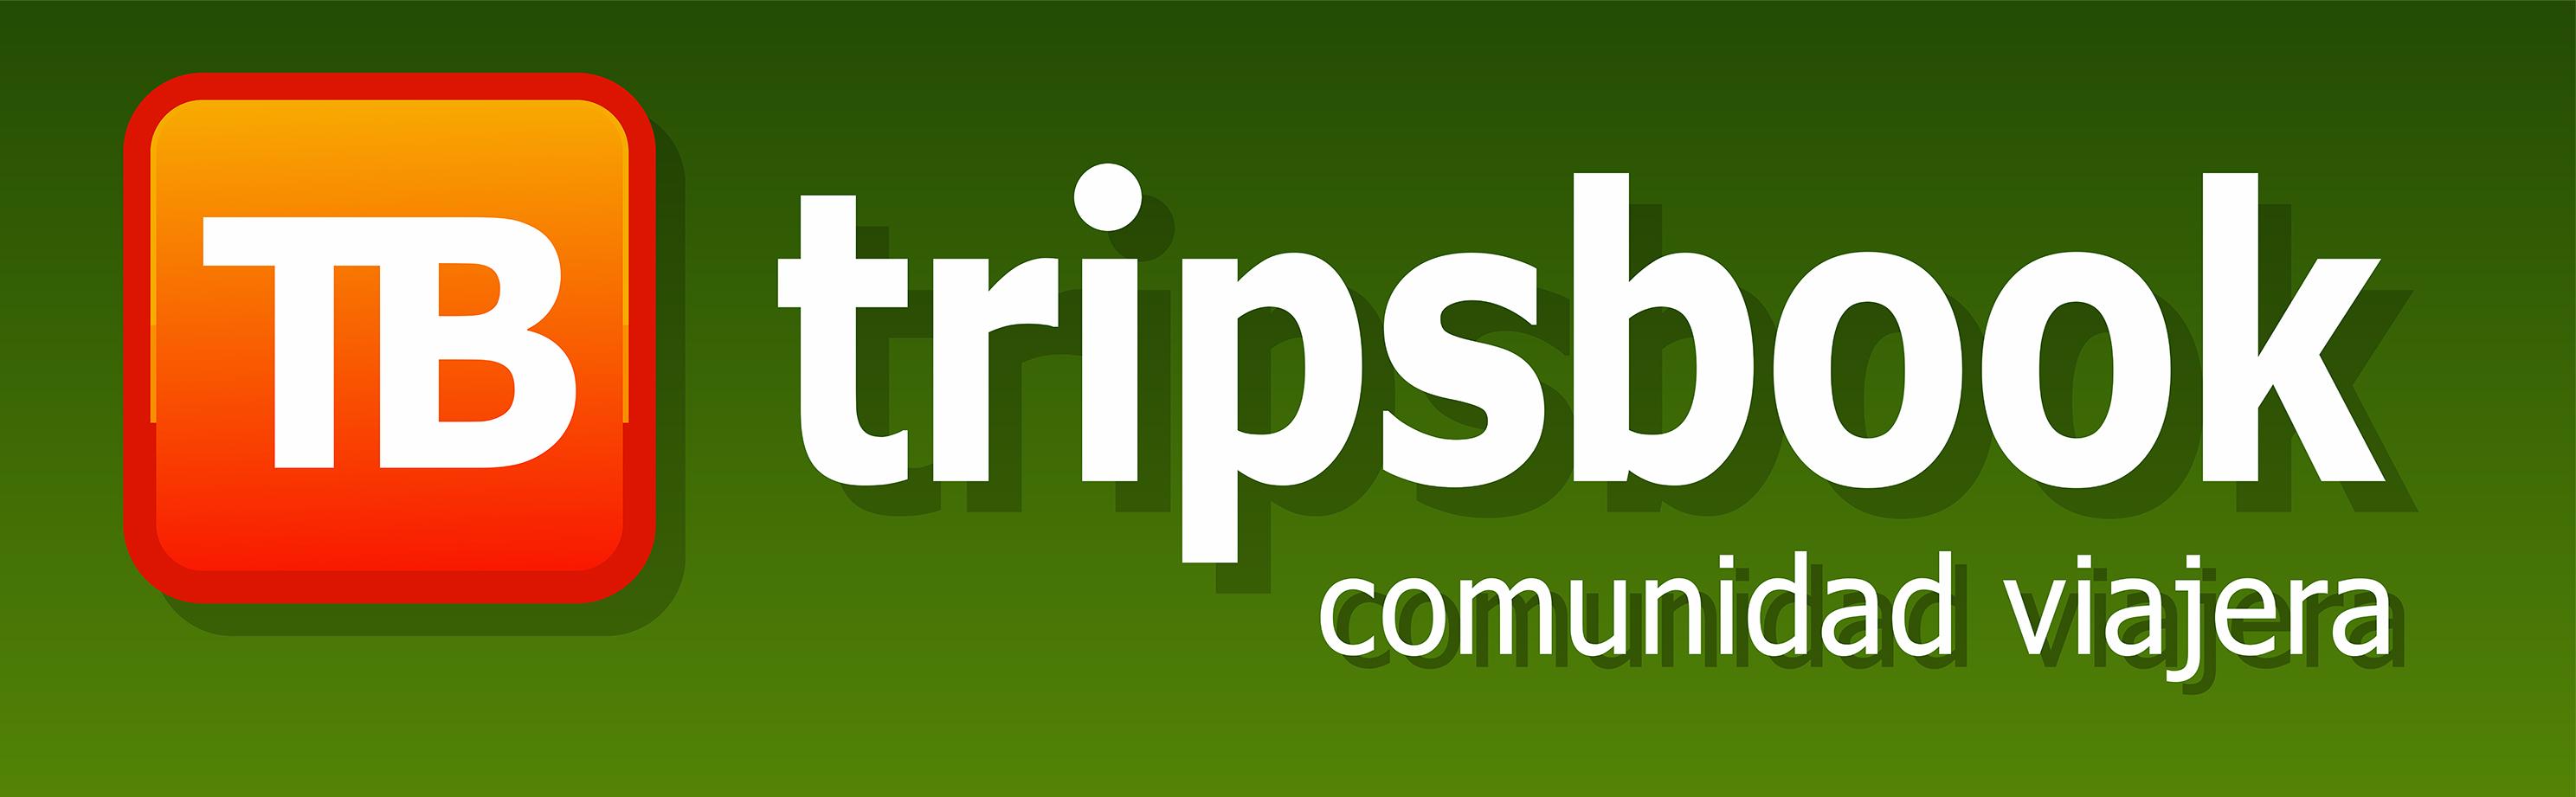 Tripsbook, la primera red social para gente viajera montada con geo posicionamiento